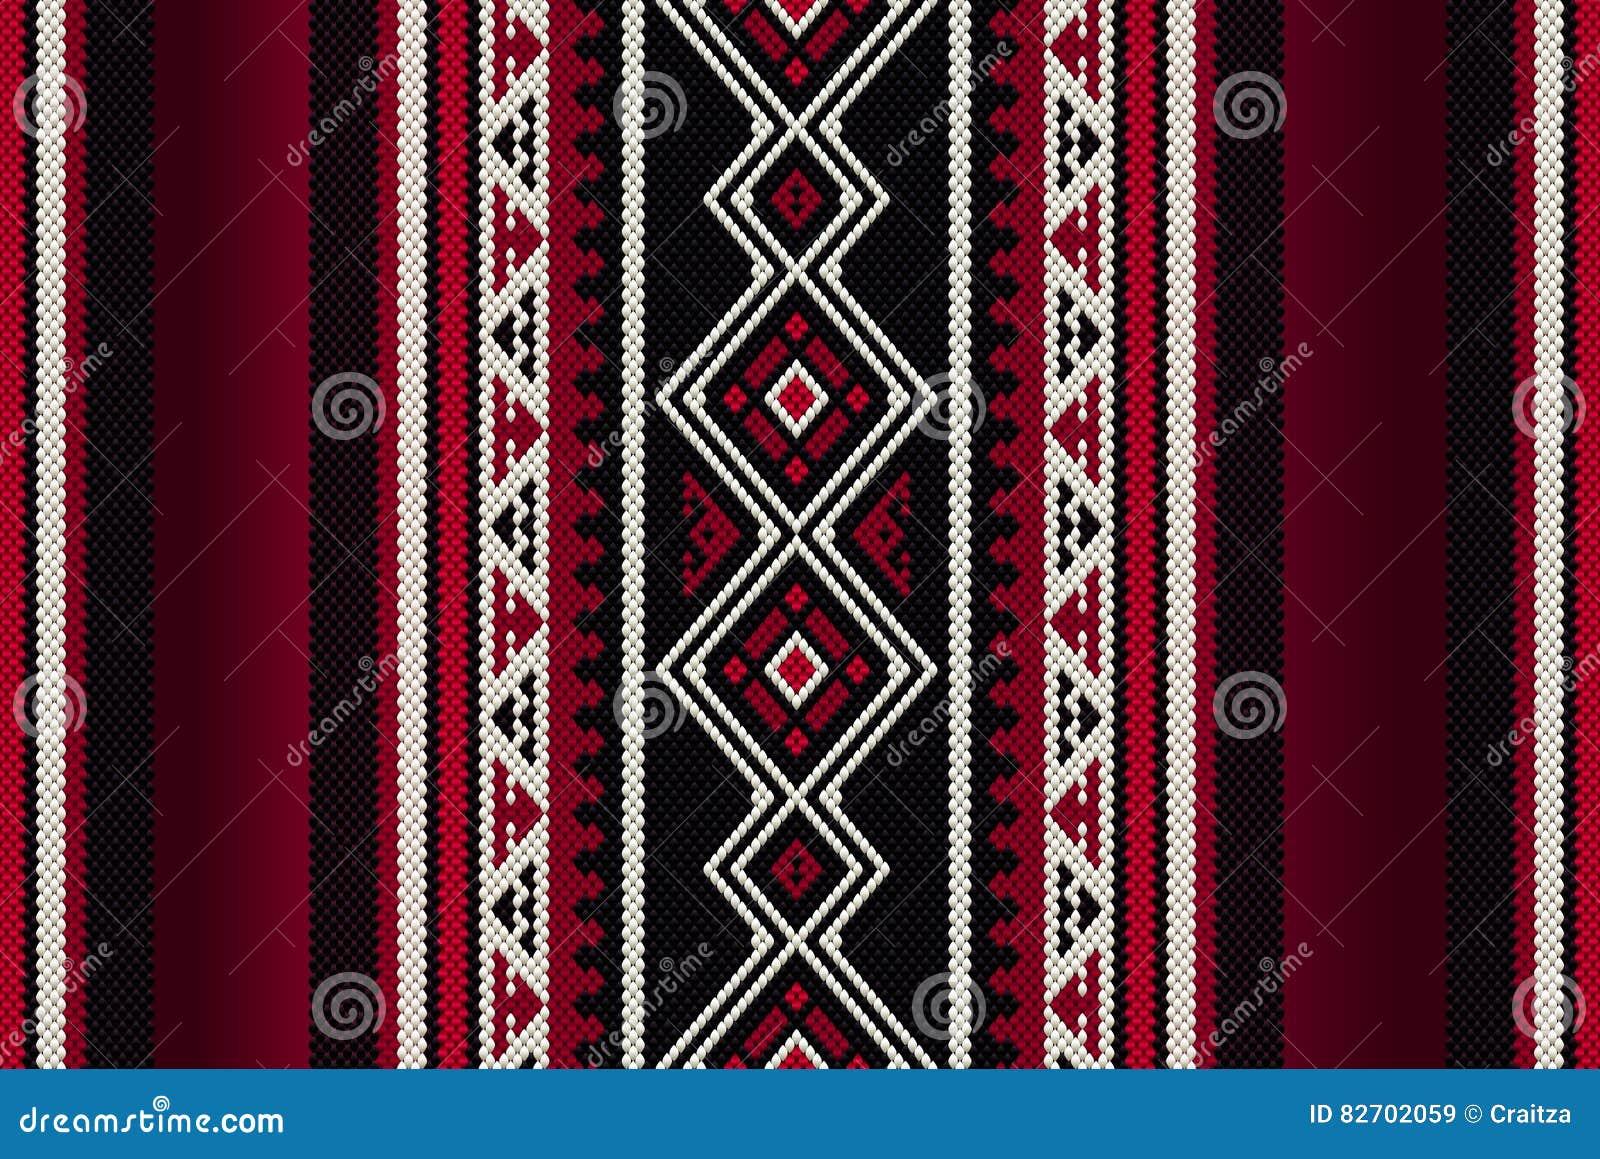 详细的红色传统伙计Sadu阿拉伯手编织的样式